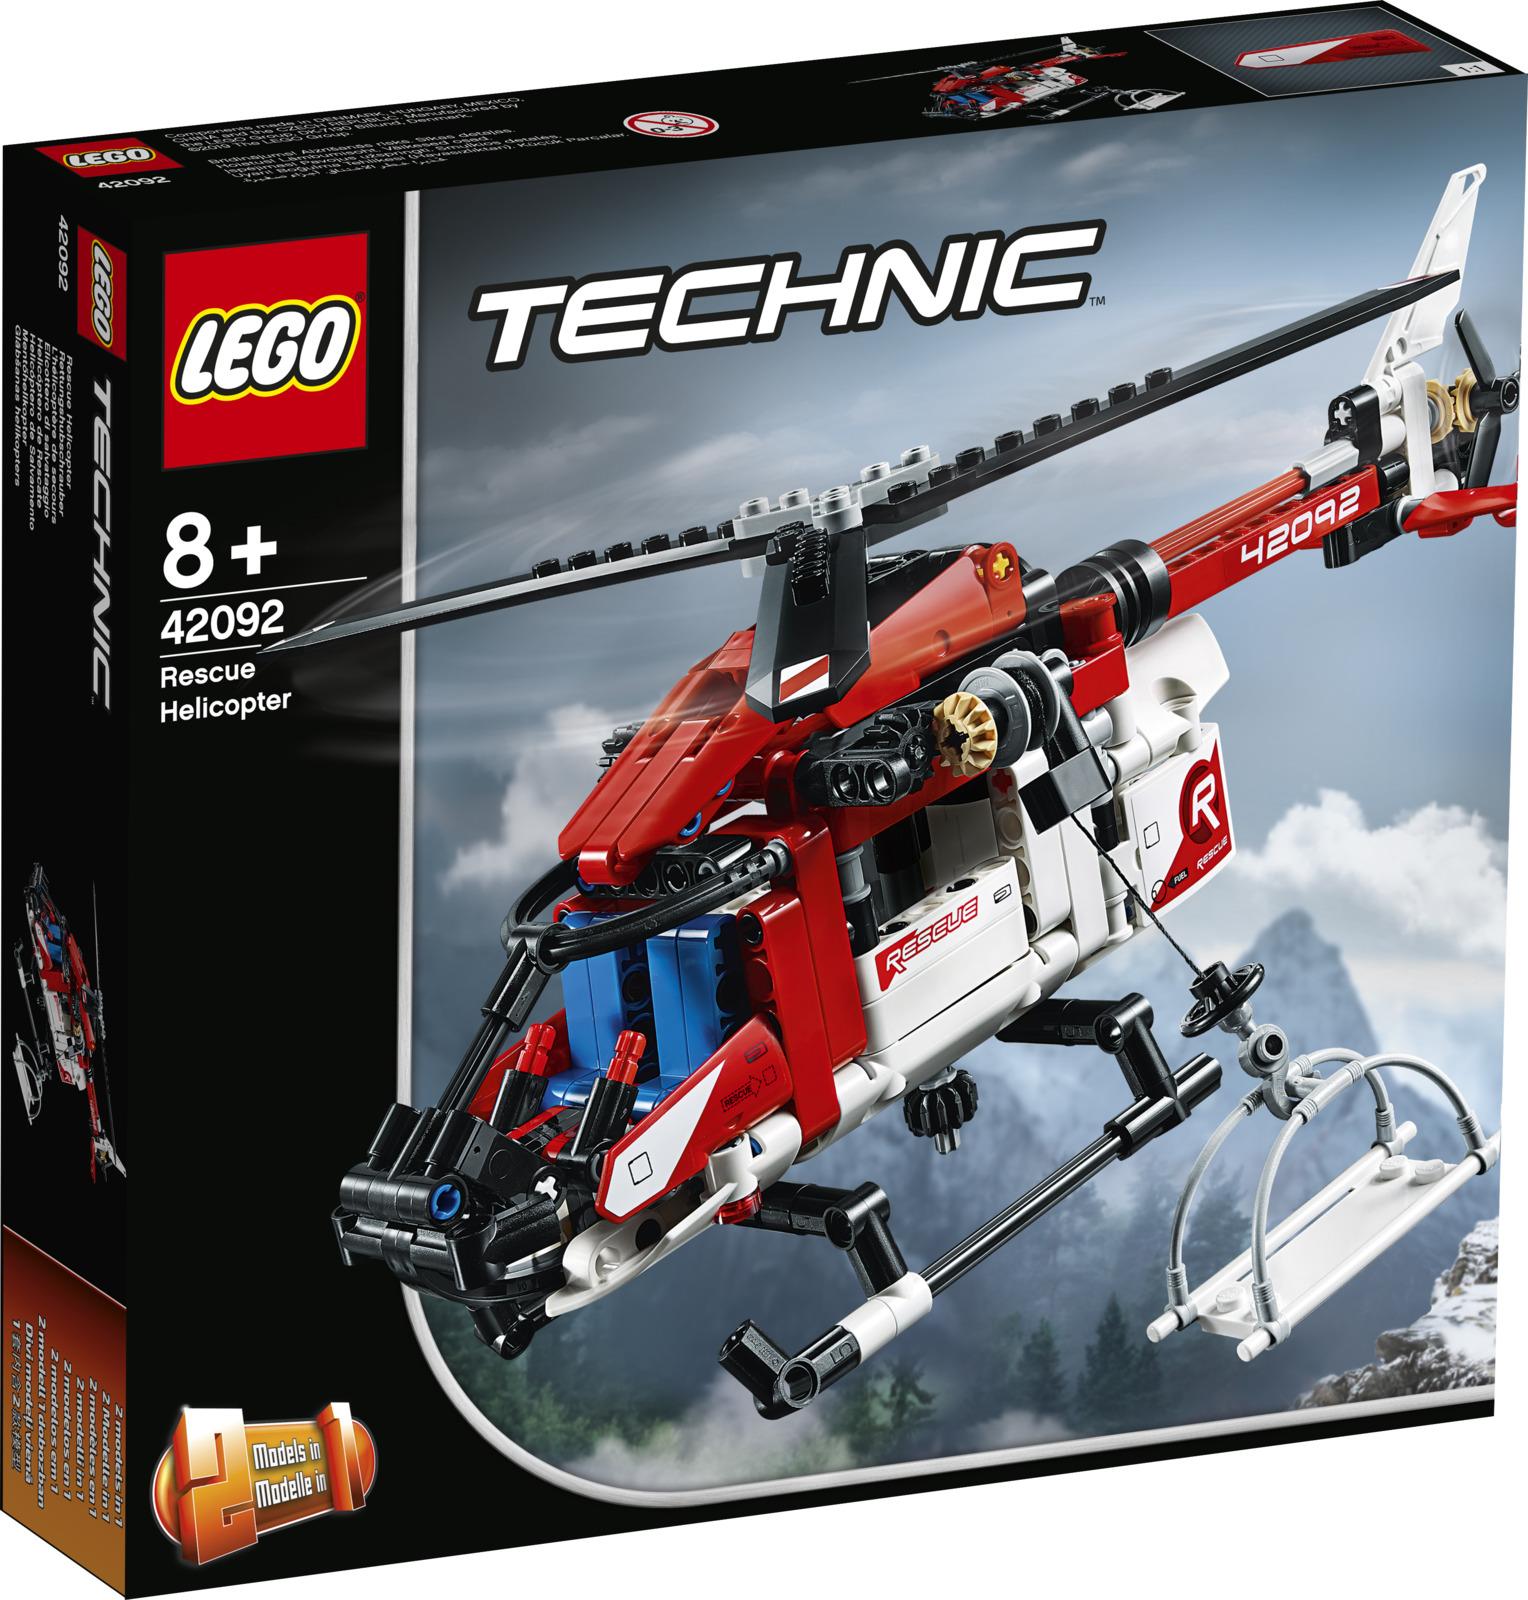 LEGO Technic 42092 Спасательный вертолет Конструктор lego technic 42092 конструктор лего техник спасательный вертолёт